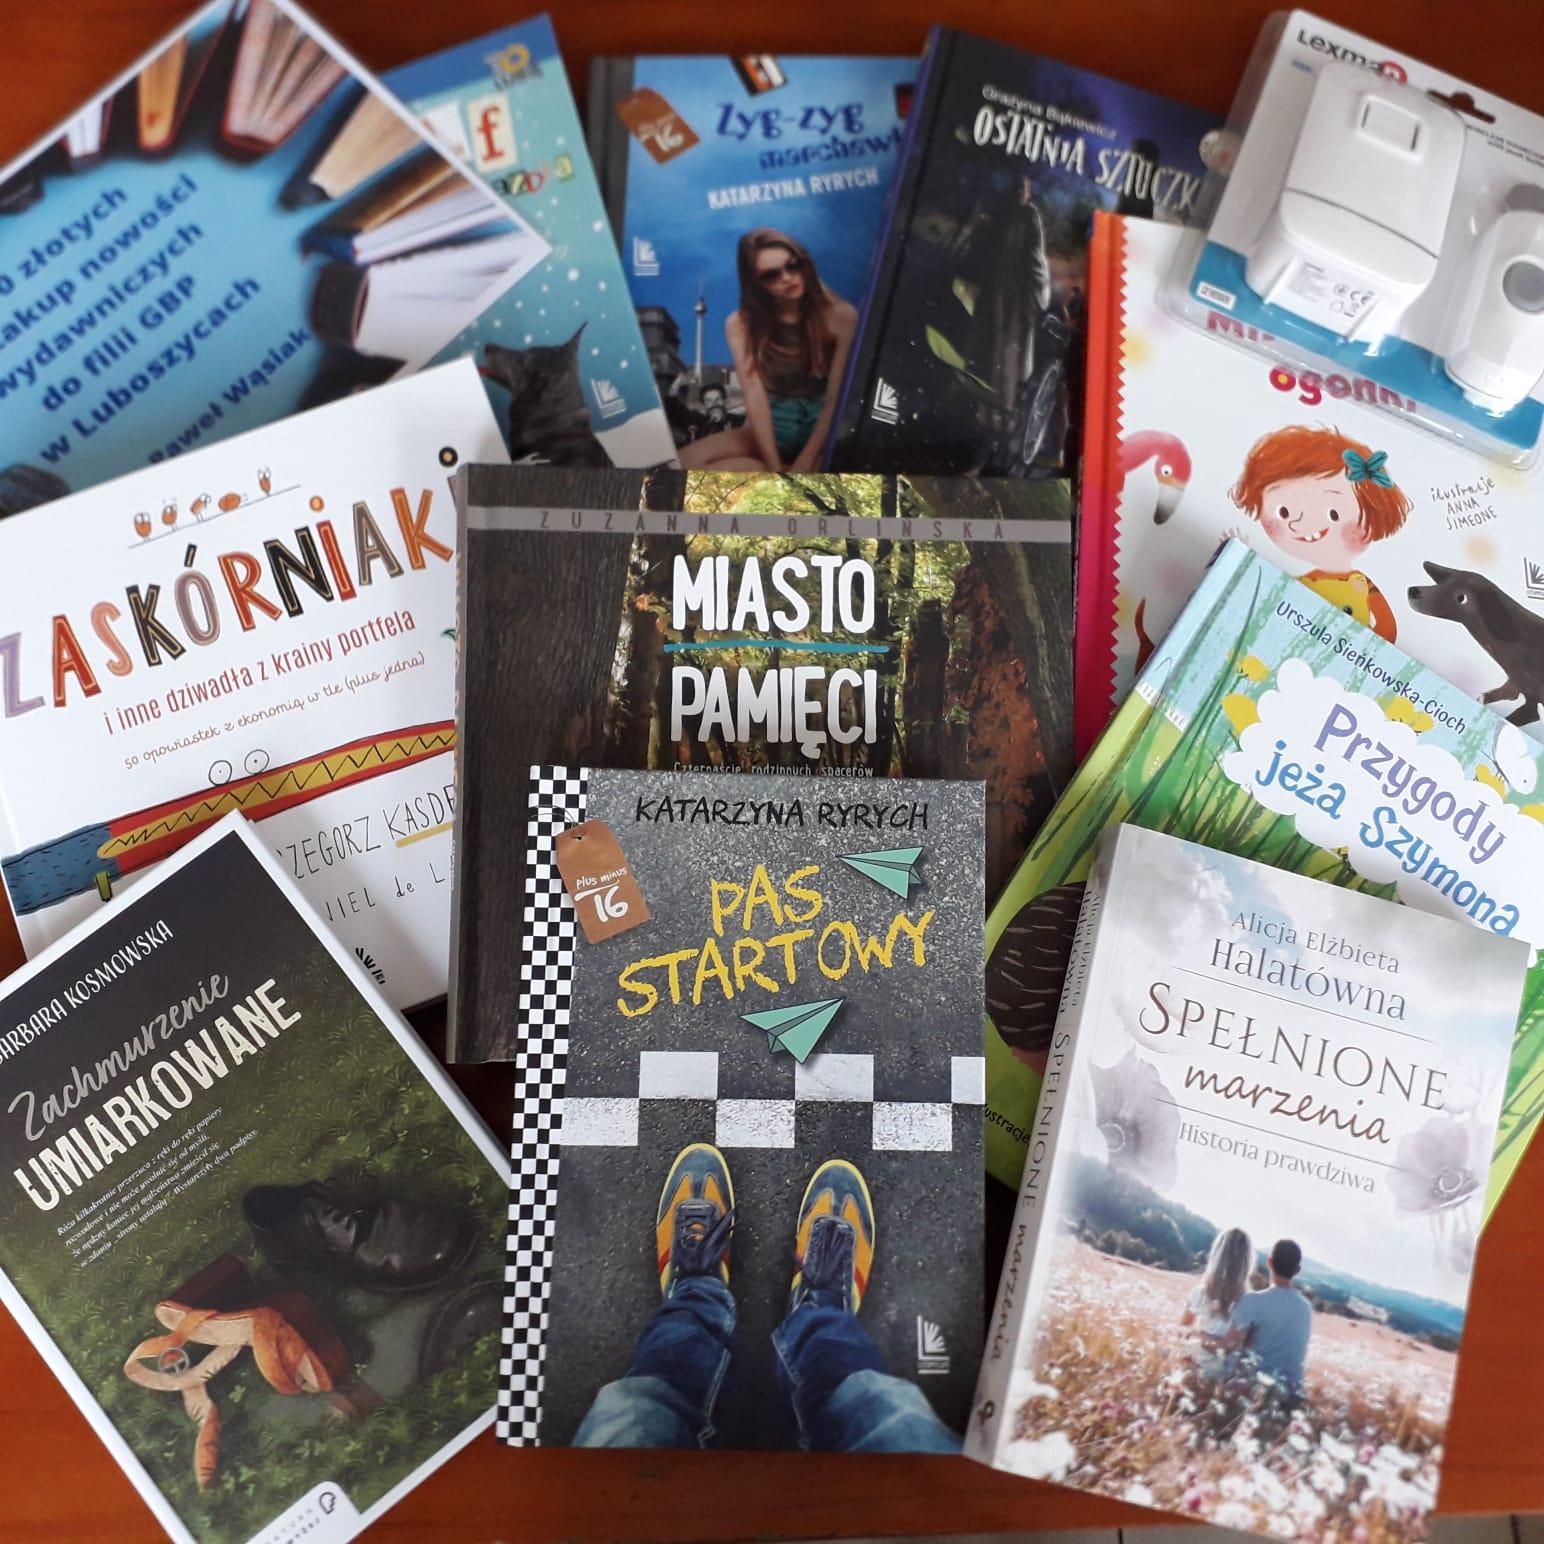 książki, prezenty otrzymane na otwarcie biblioteki